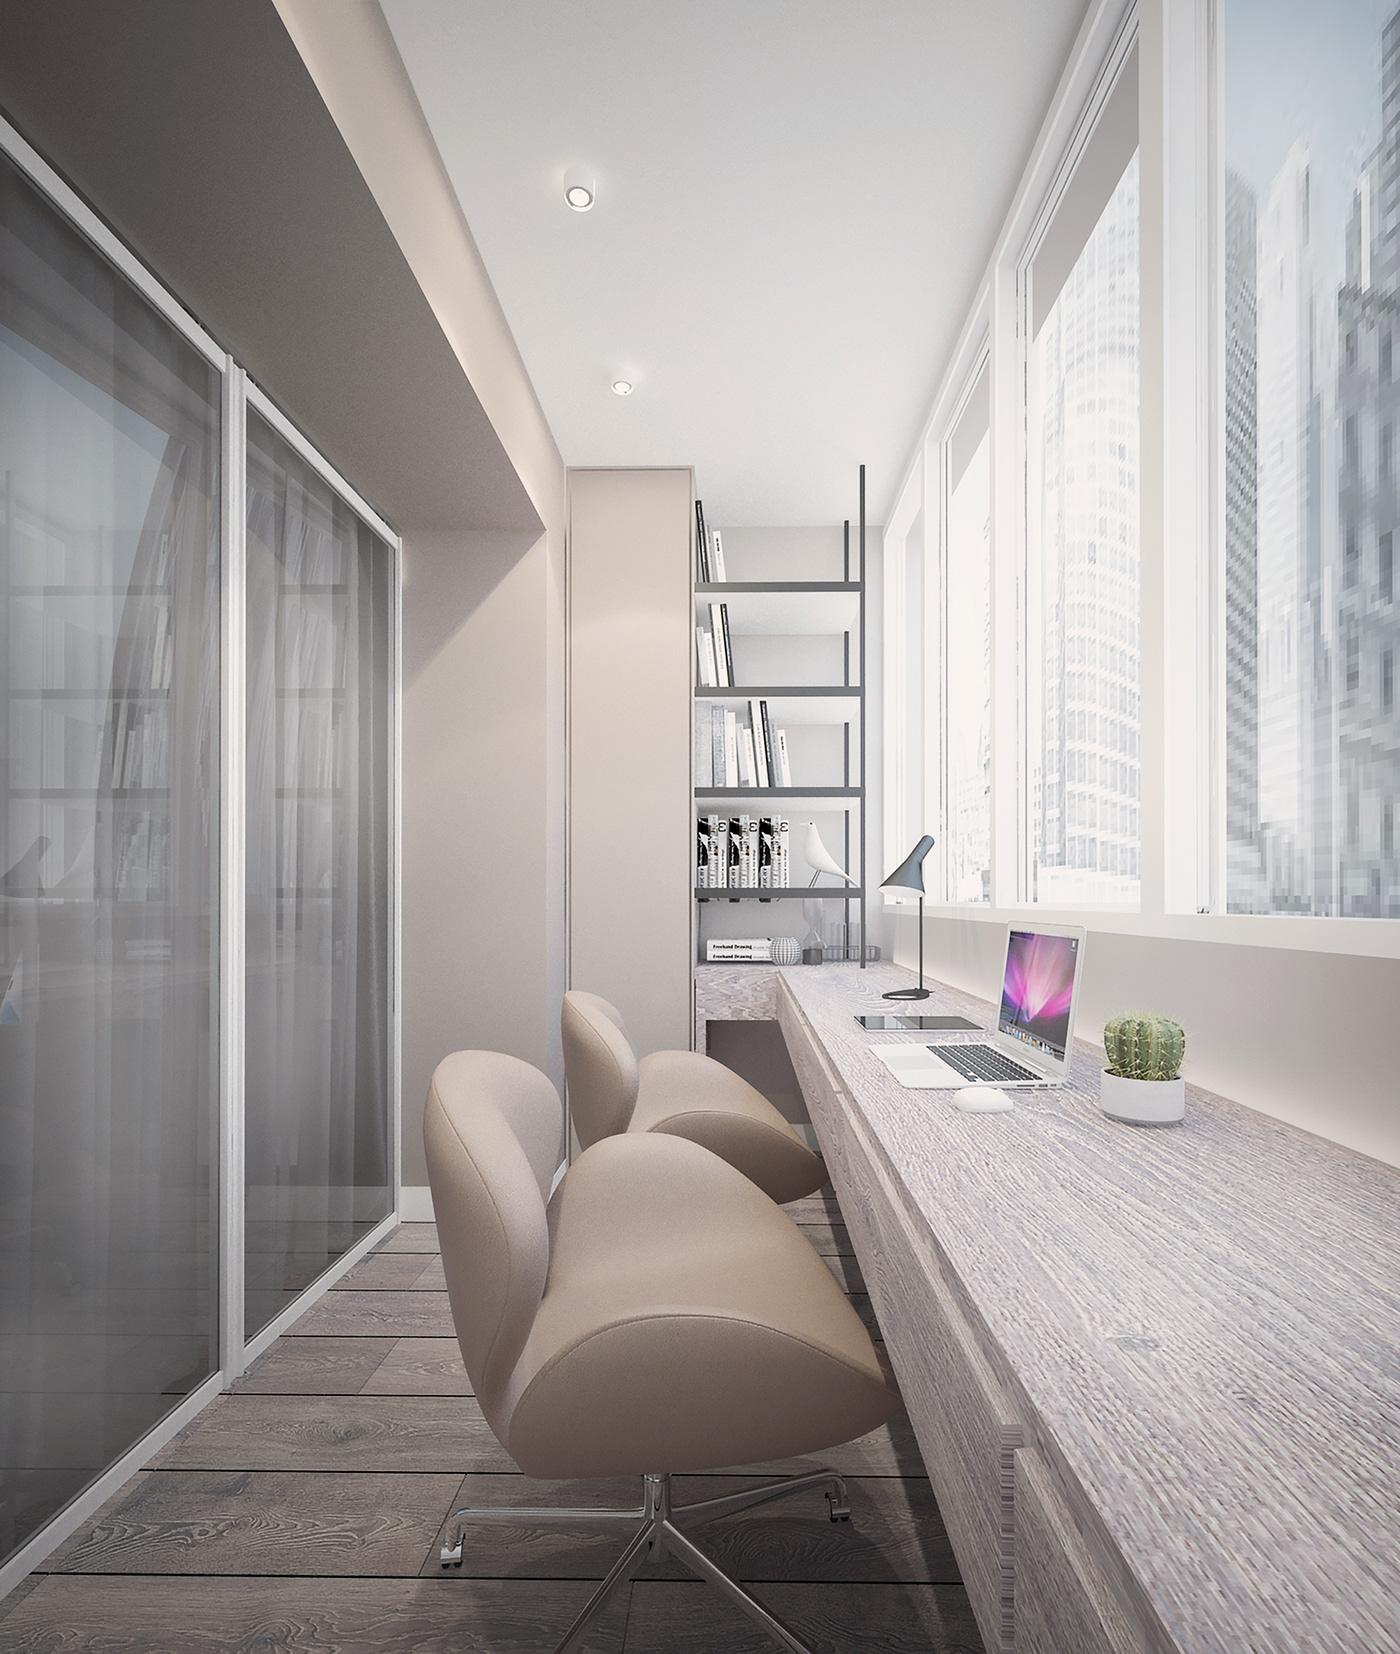 архитектура студия дизайн интерьера дизайнерское решение минимализм лоджия